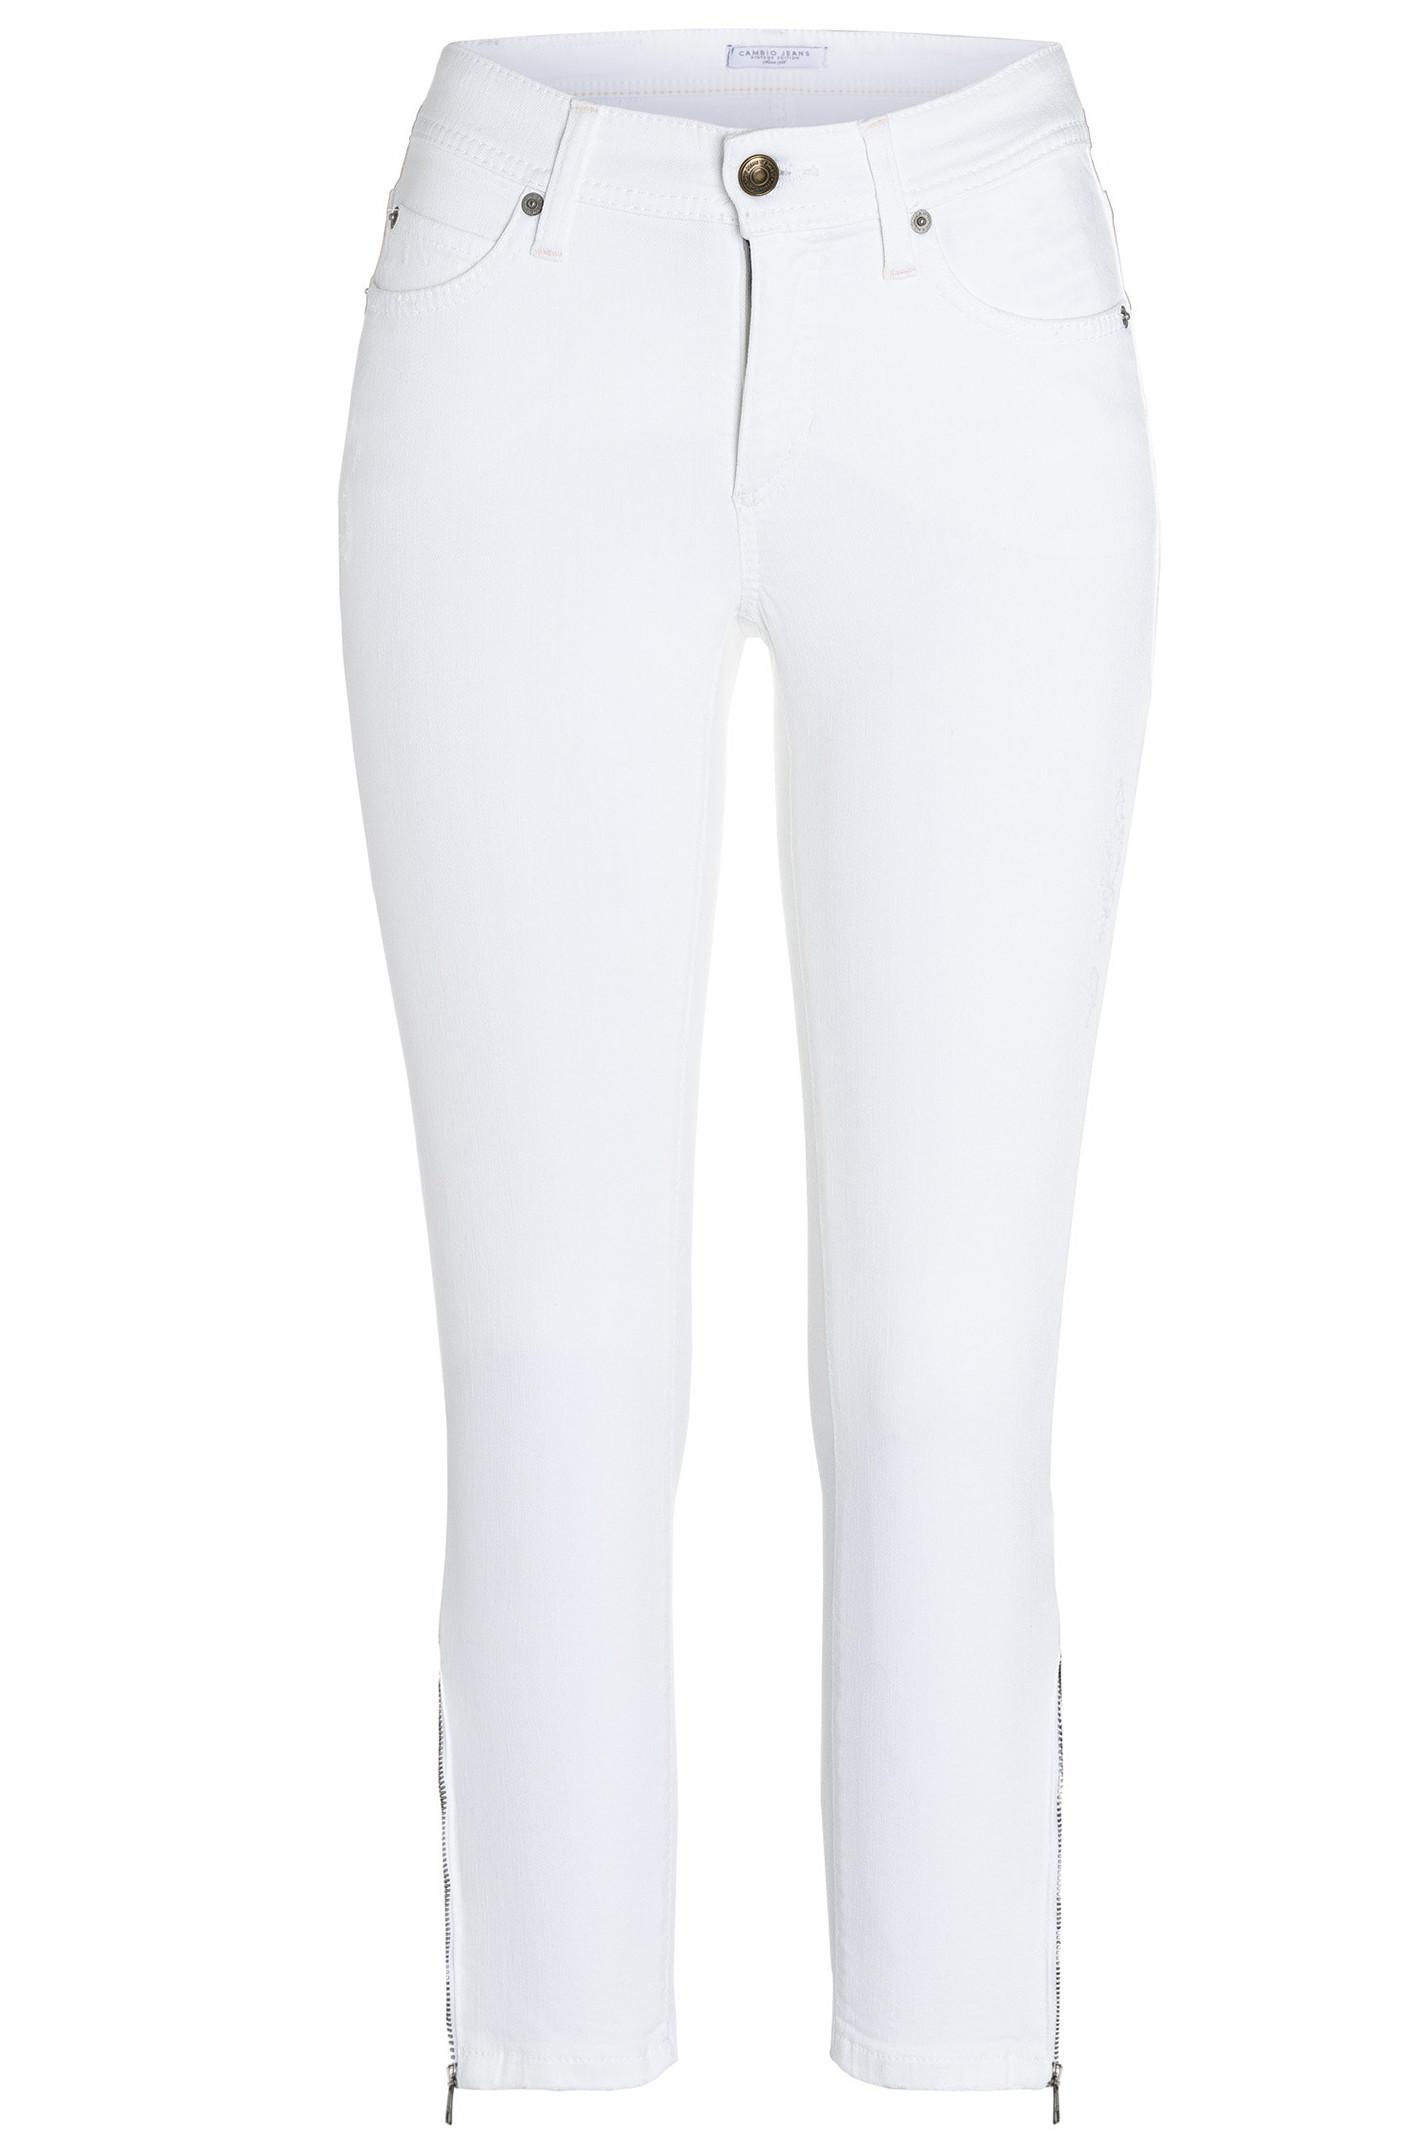 Cambio bukser Køb moderigtige Cambio bukser og jeans her